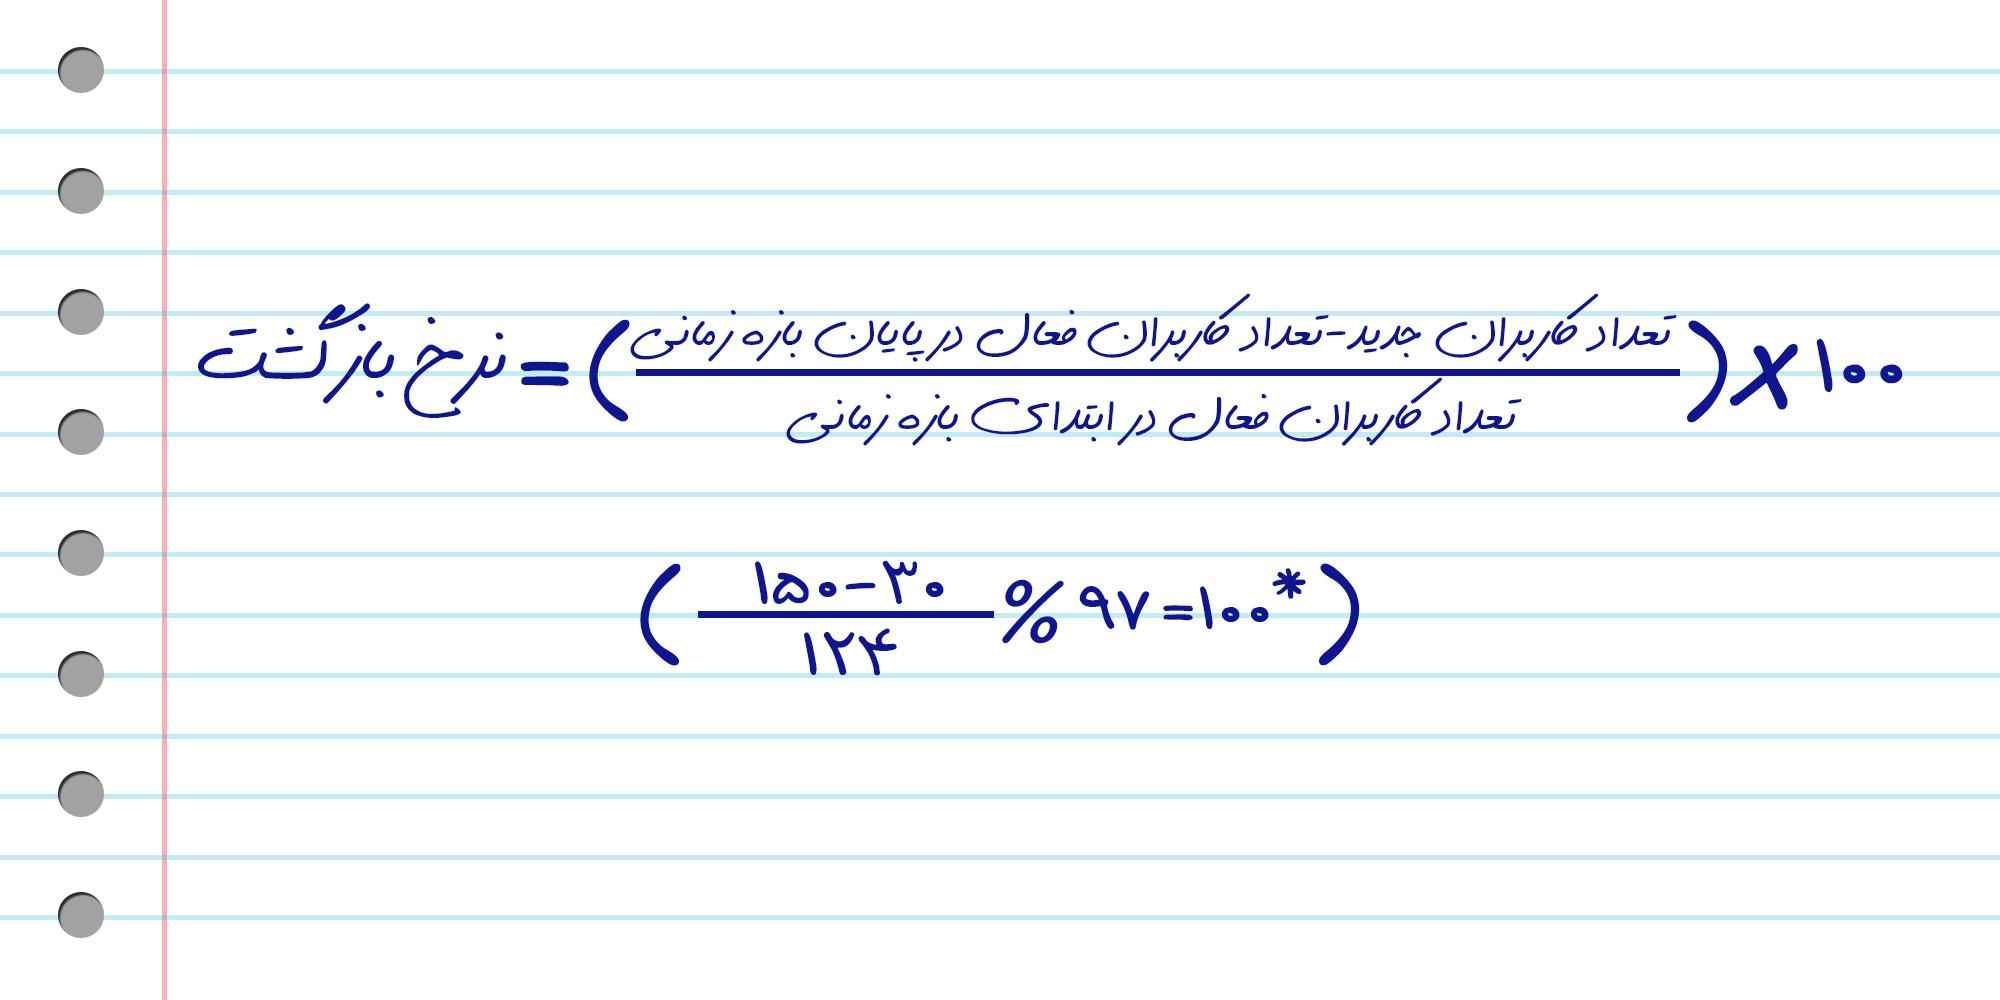 فرمول محاسبه نرخ بازگشت کاربر به اپلیکیشن